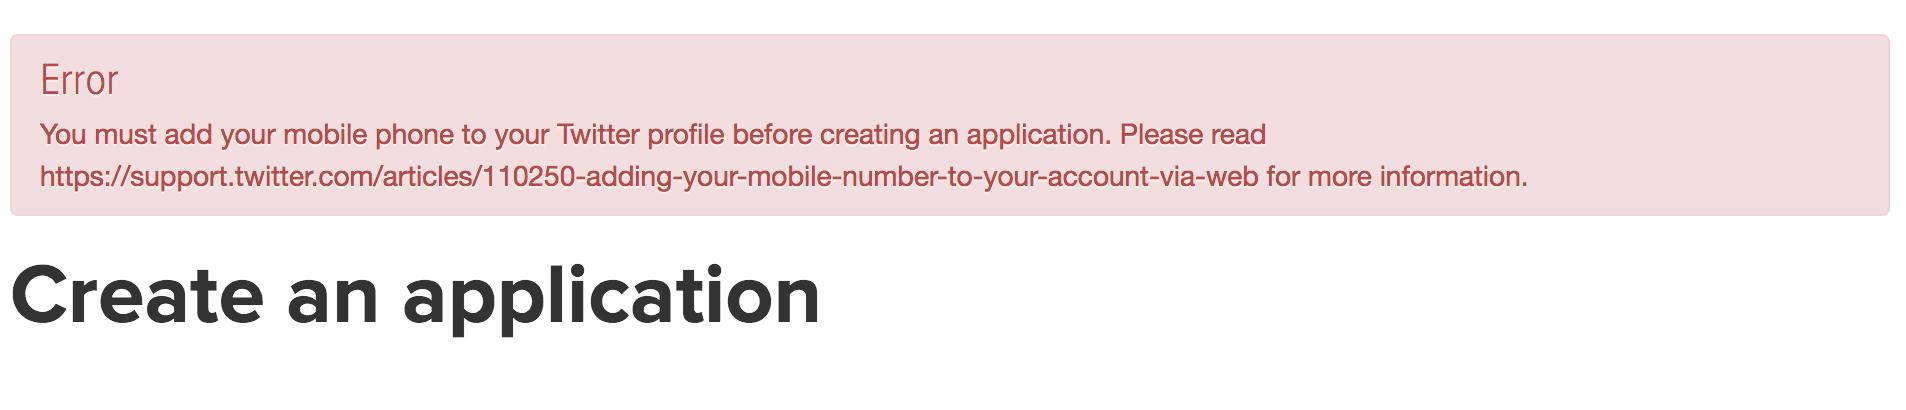 ツイッターをネットビジネスで使うのを諦める原因は携帯電話番号が2個以上ない